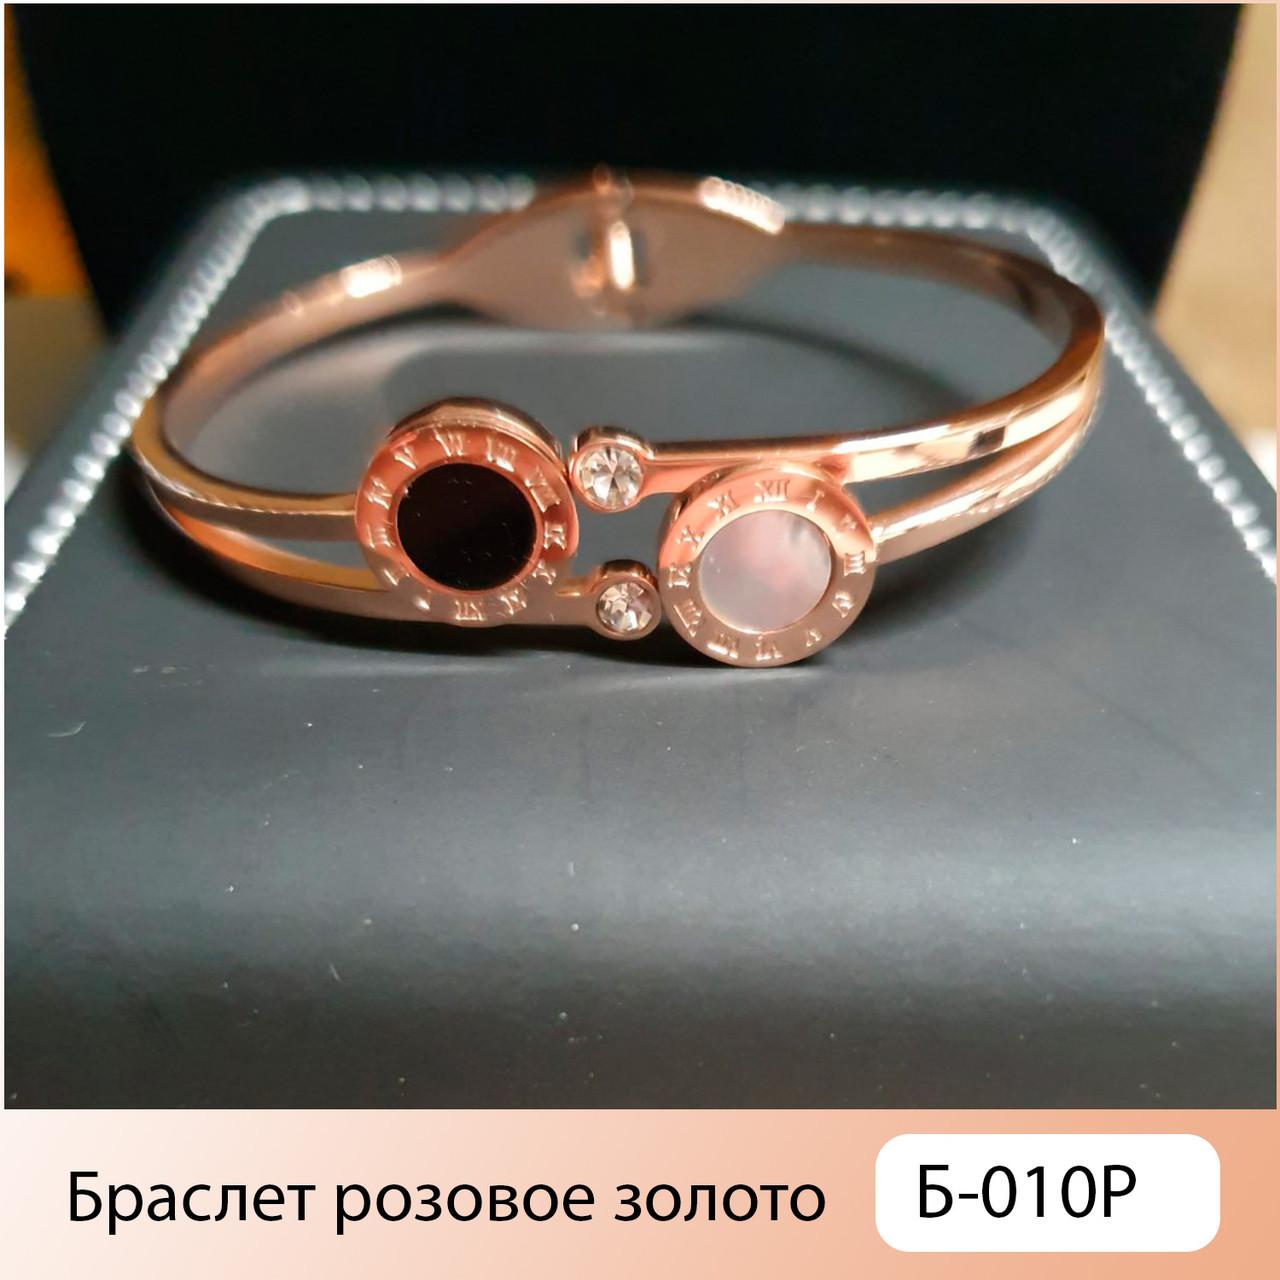 Браслет Розовое золото Б-010Р